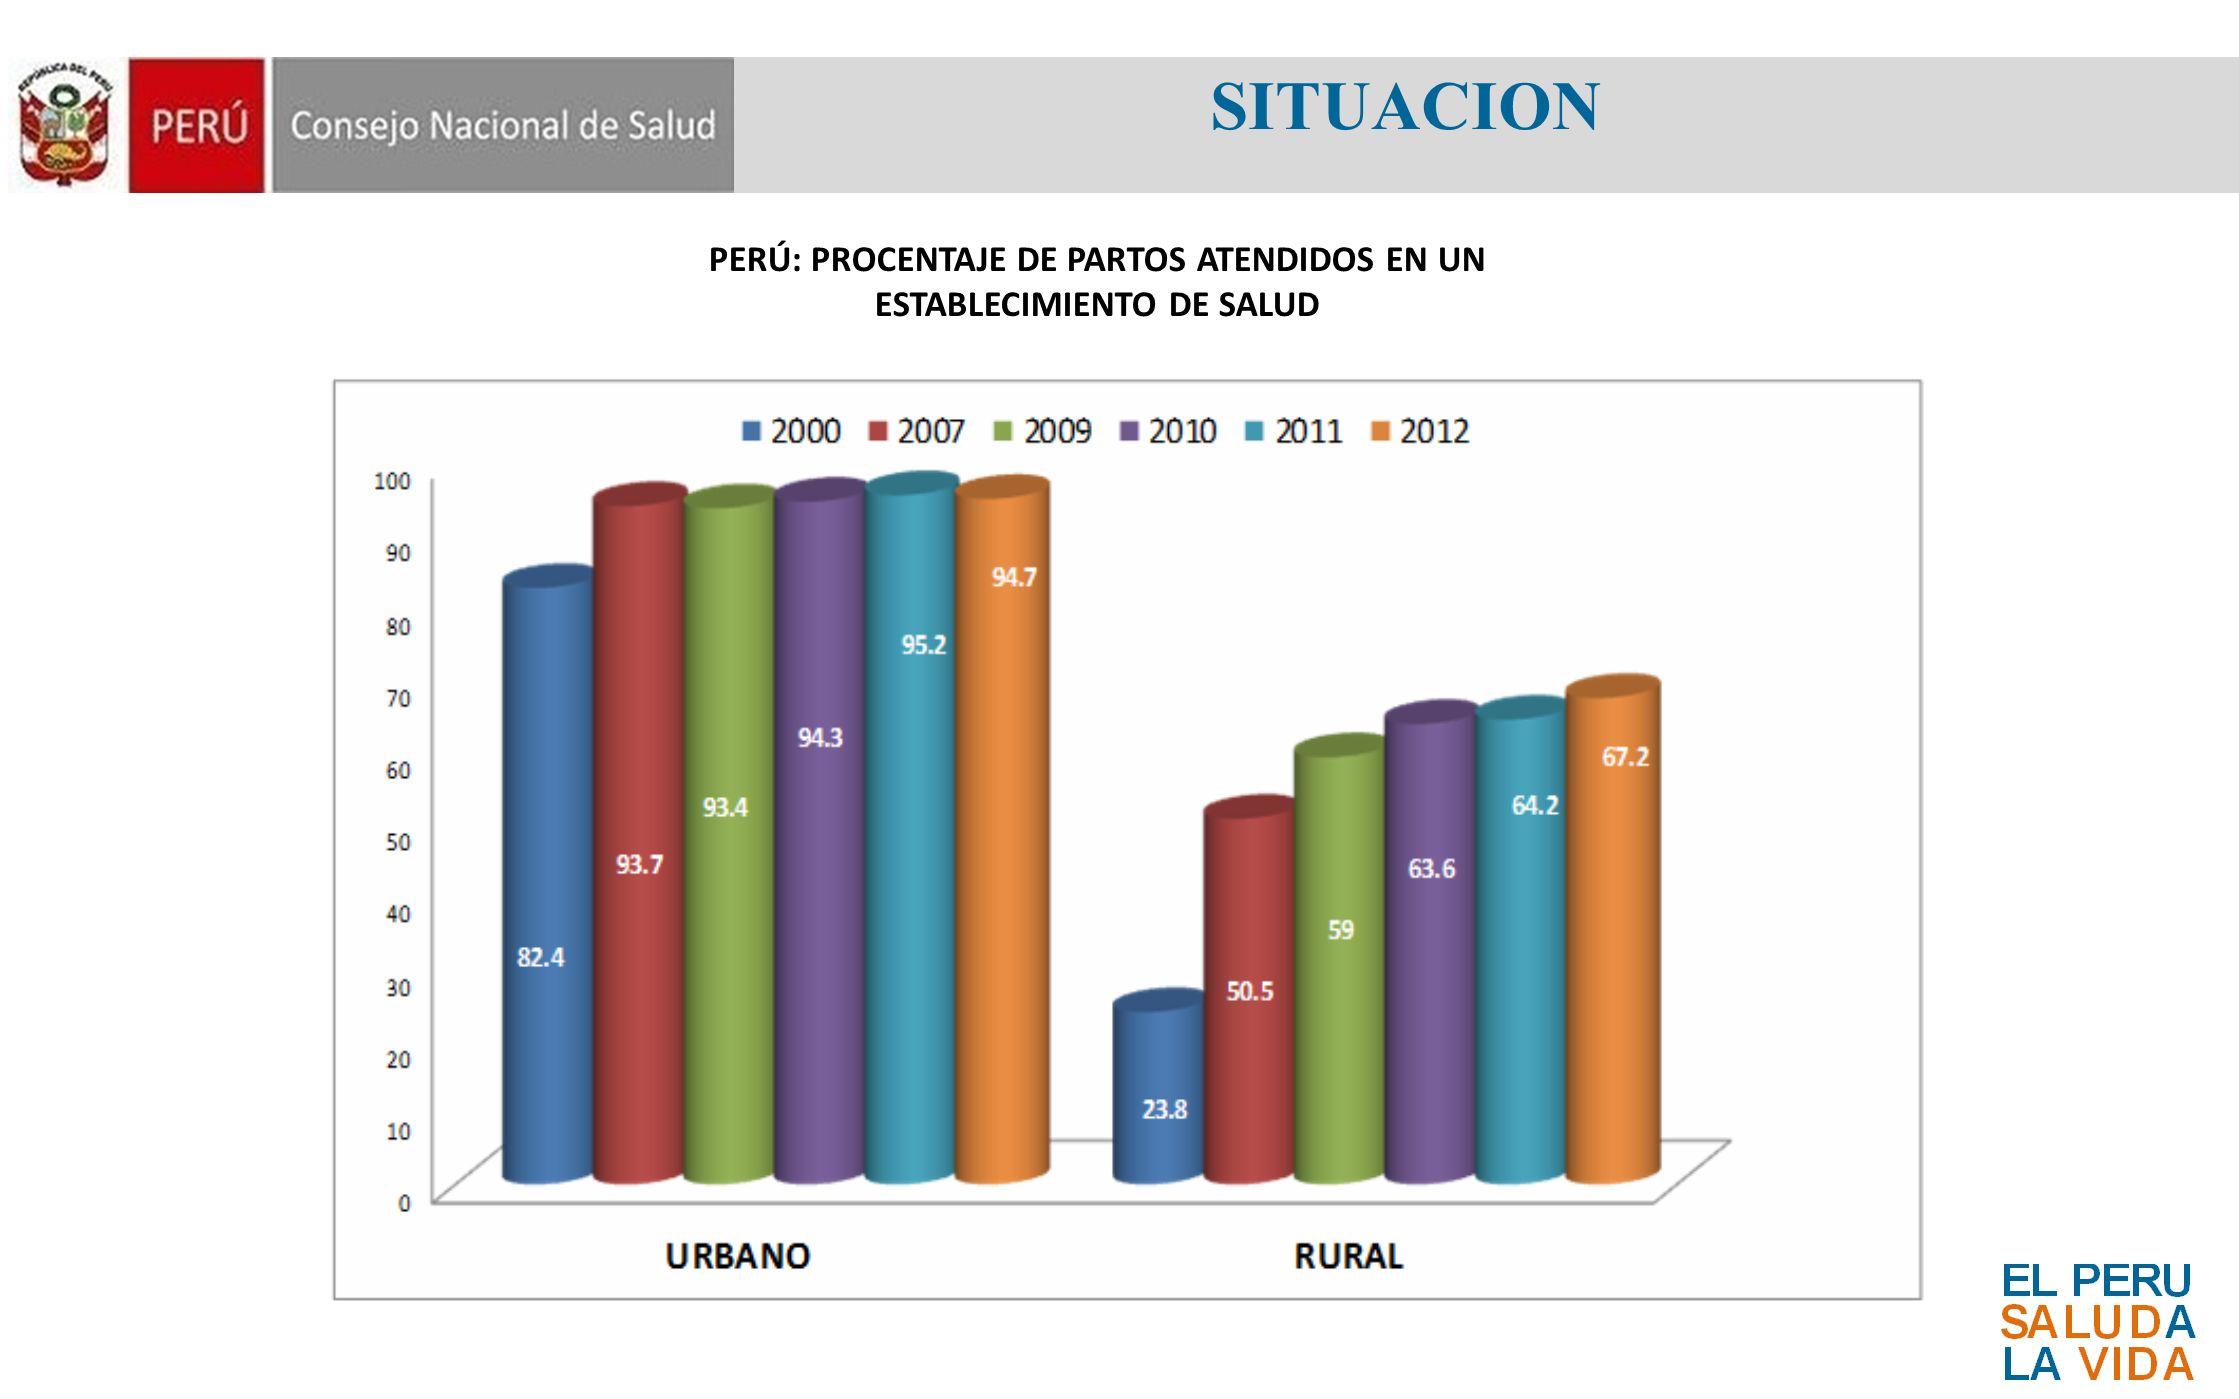 SITUACION PERÚ: PROCENTAJE DE PARTOS ATENDIDOS EN UN ESTABLECIMIENTO DE SALUD